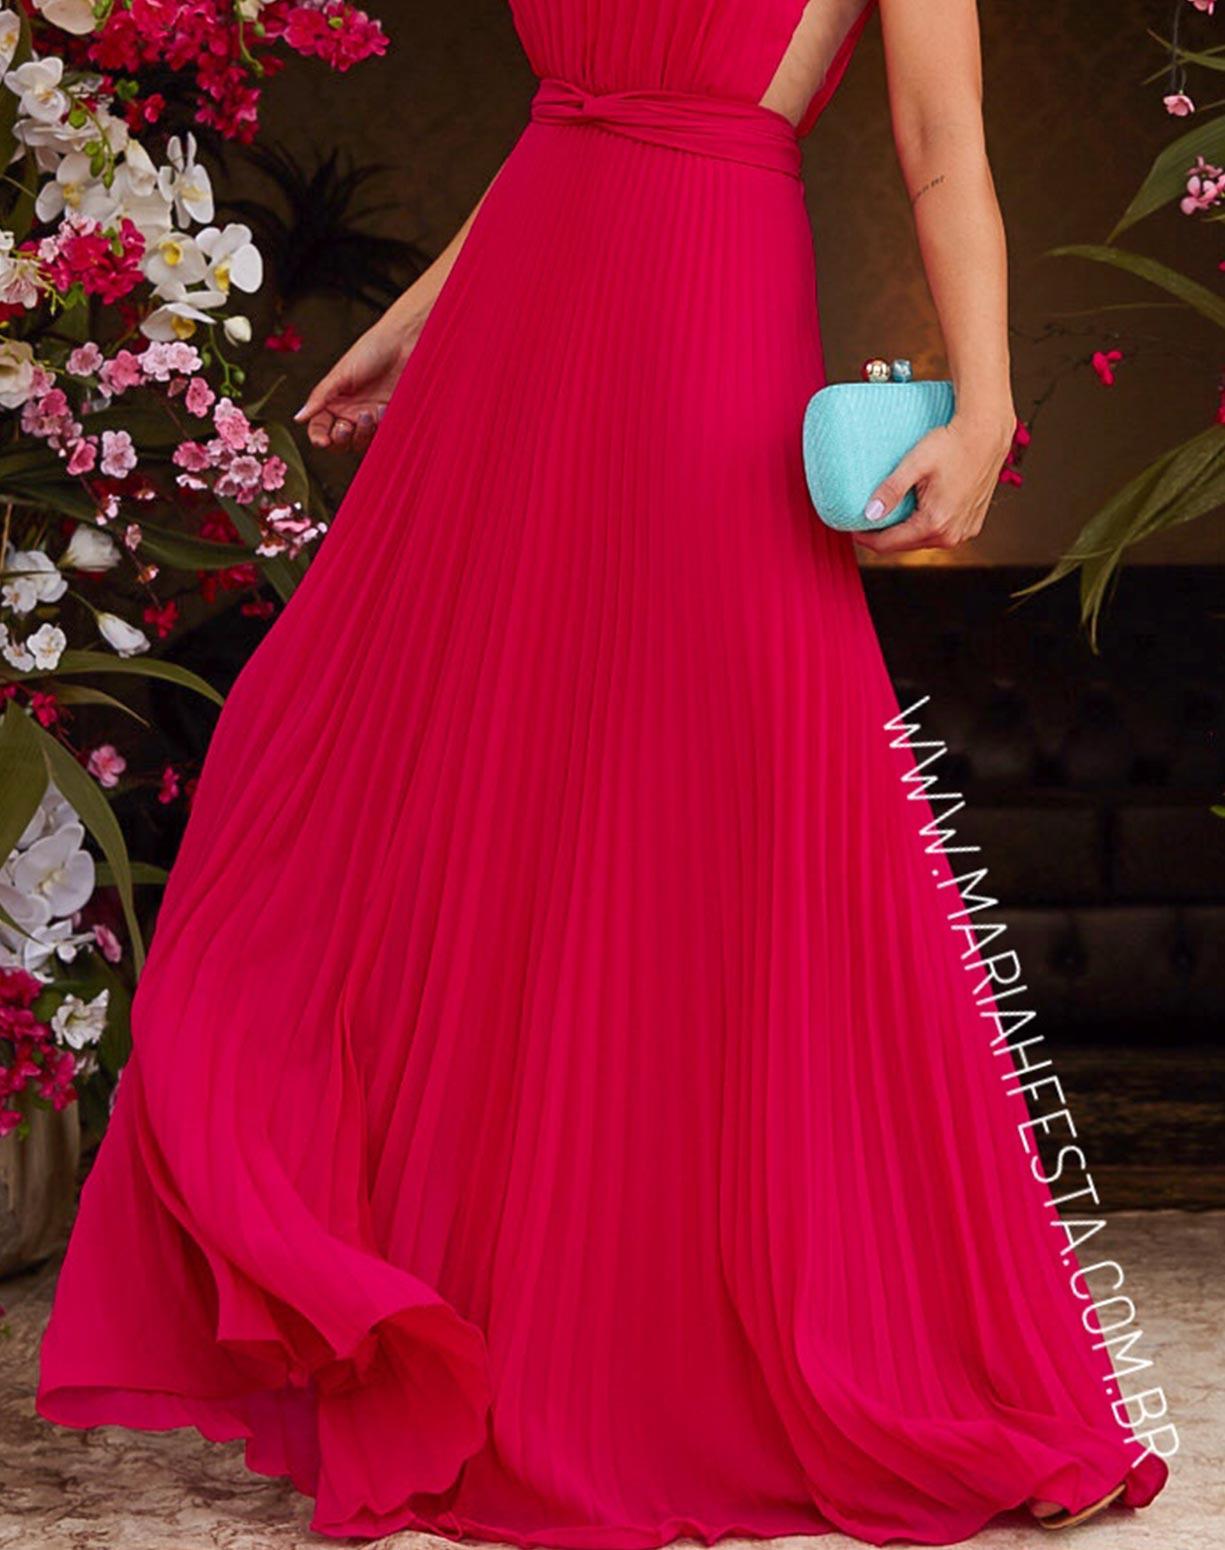 Vestido Rosa Pink Plissado com Transparência na Lateral do Corpo